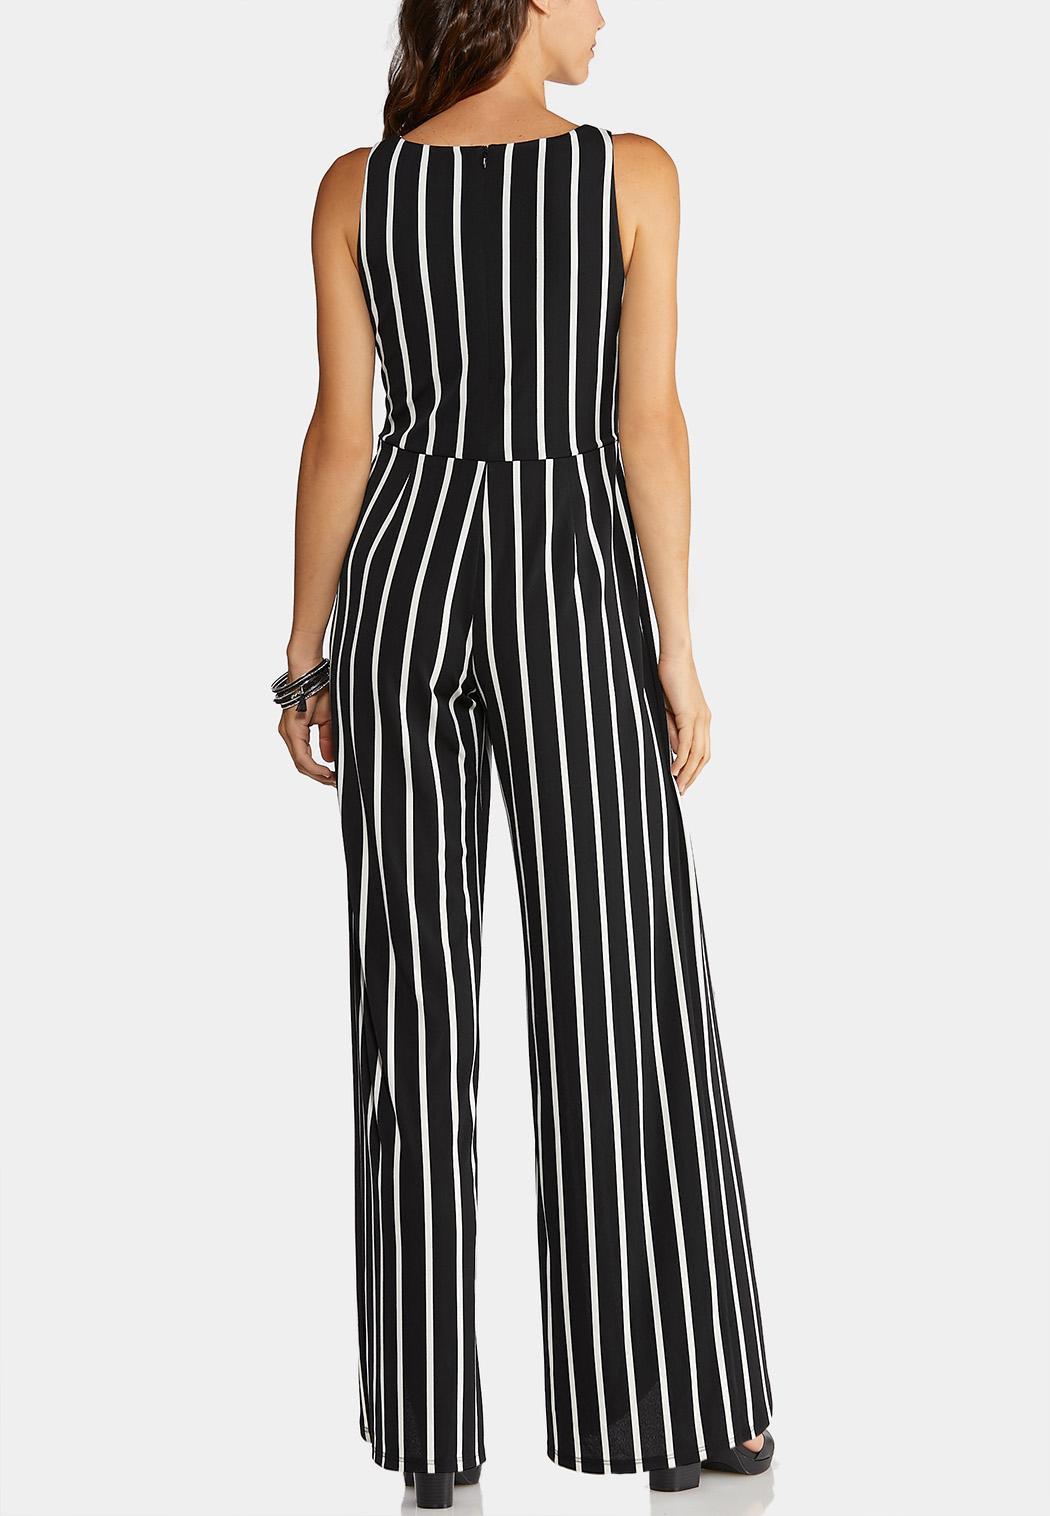 Stripe Tie Waist Jumpsuit (Item #43919548)